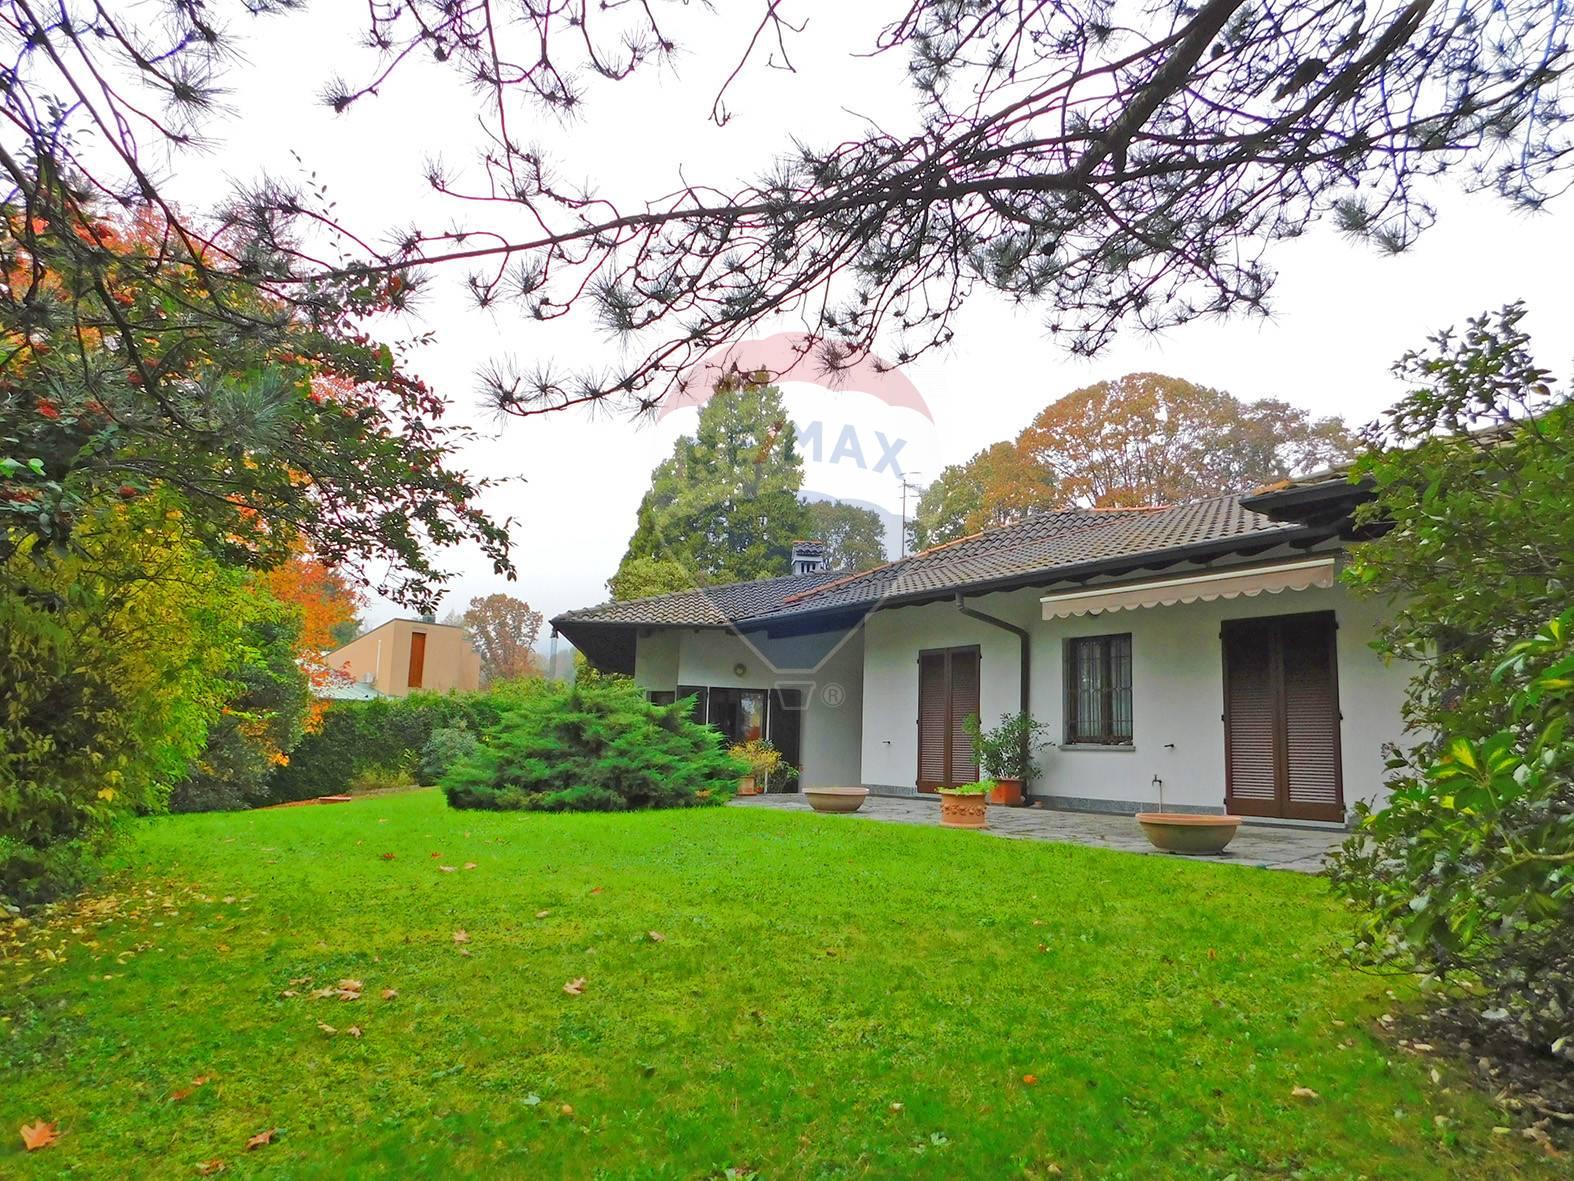 Villa in vendita a Luvinate, 11 locali, zona Località: ilCastello, prezzo € 790.000 | CambioCasa.it